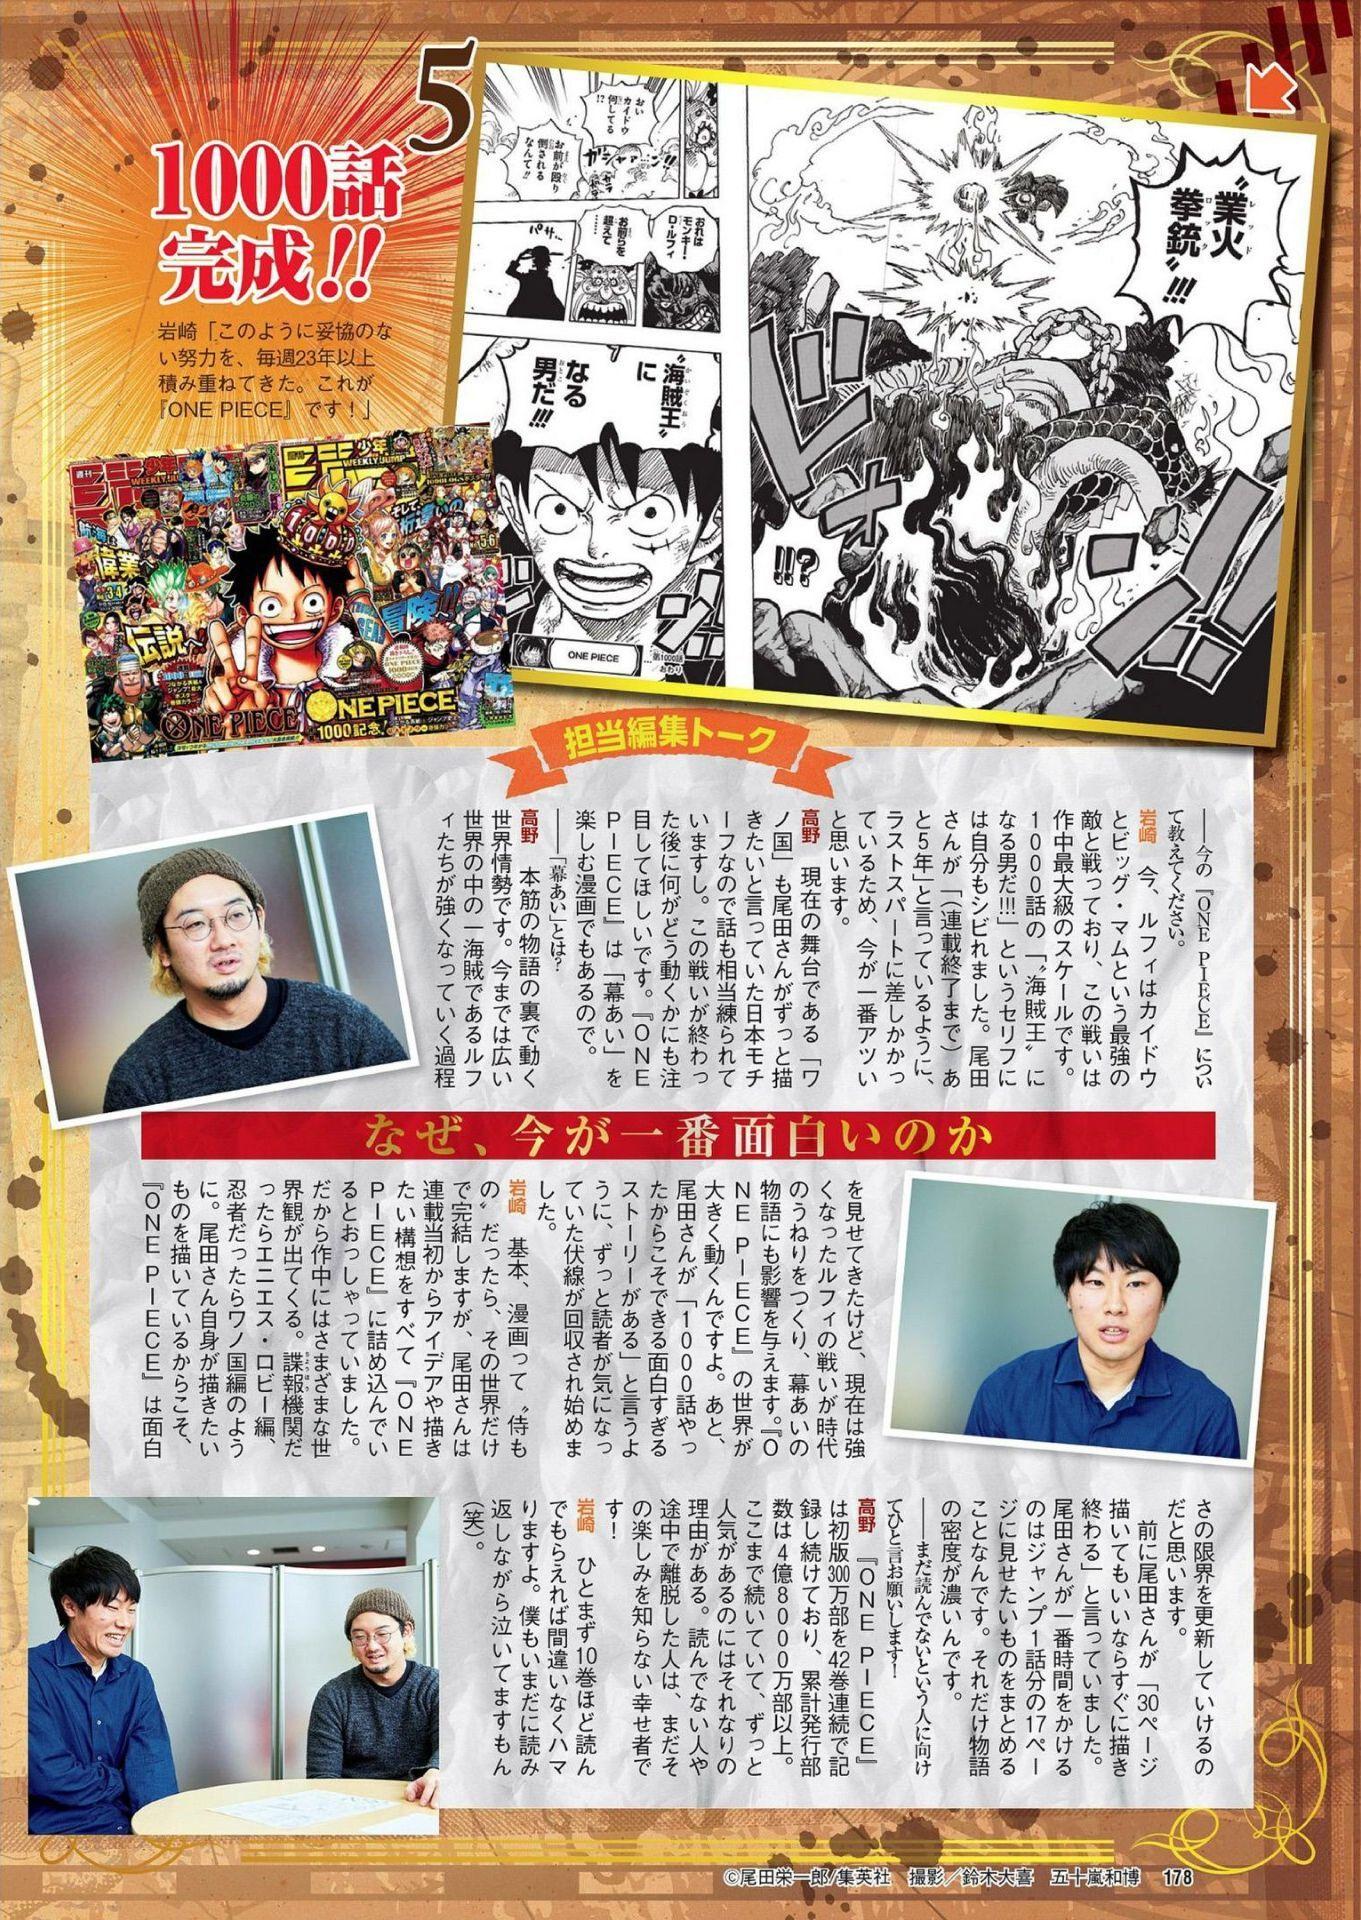 海贼王1000回连载 众妹纪念COS特辑-Weekly Playboy2021年第十期 动漫漫画 第31张